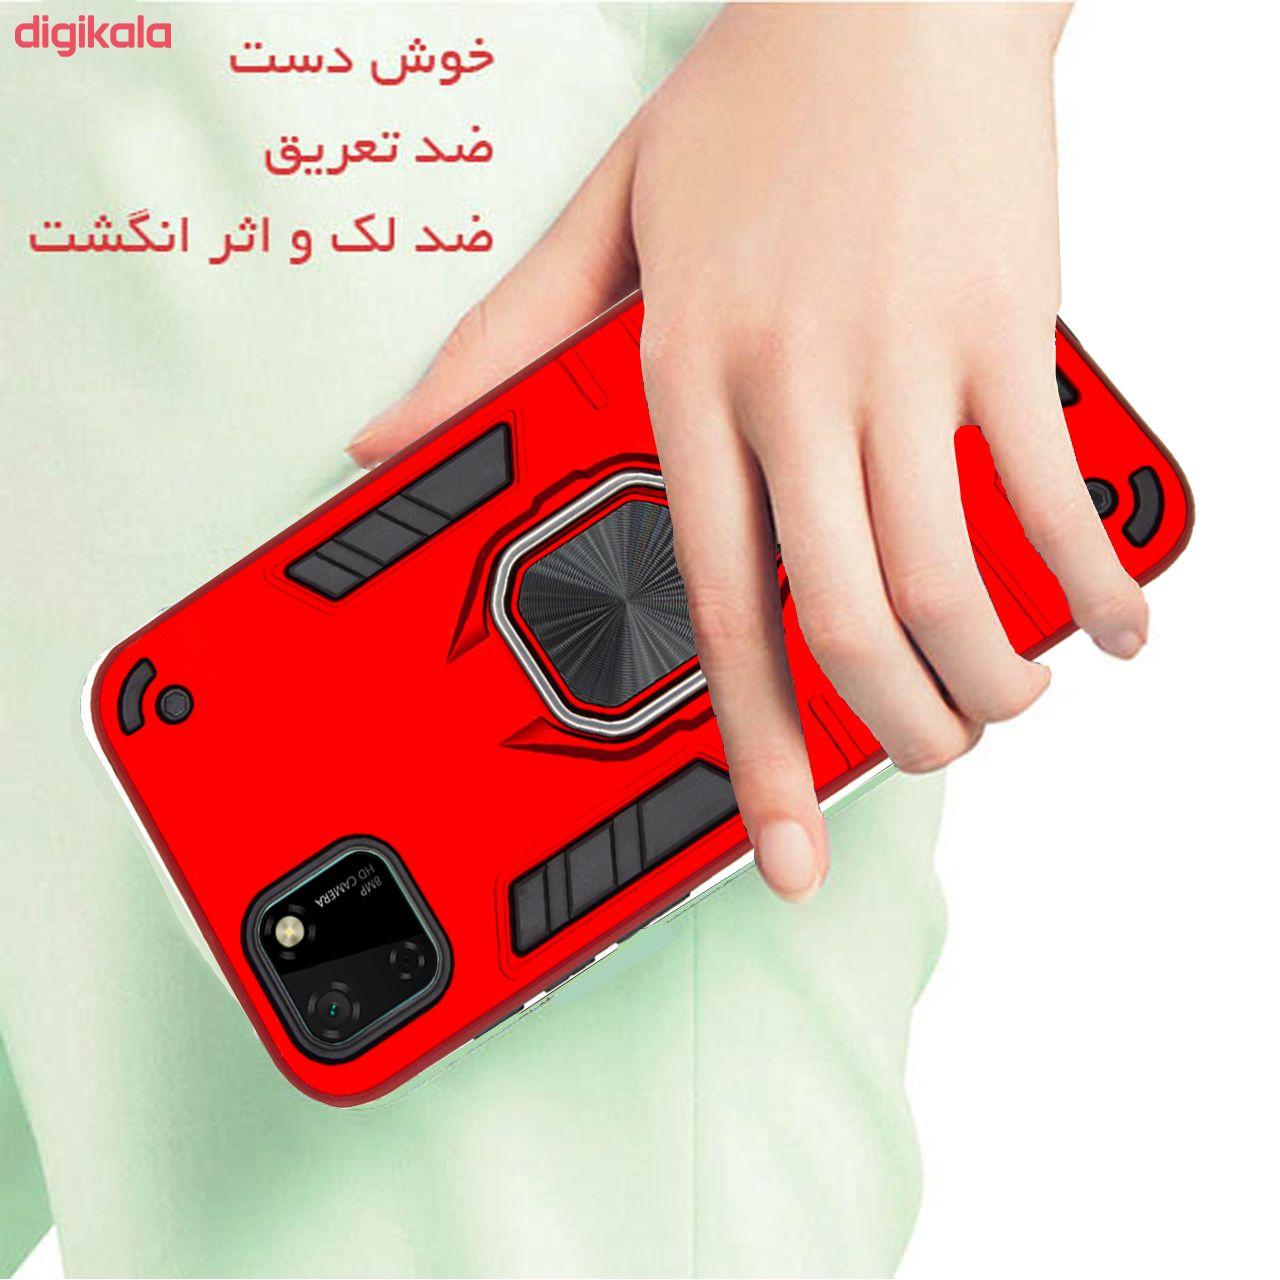 کاور کینگ پاور مدل ASH22 مناسب برای گوشی موبایل هوآوی Y5p / Y5 2020 / آنر 9S main 1 5